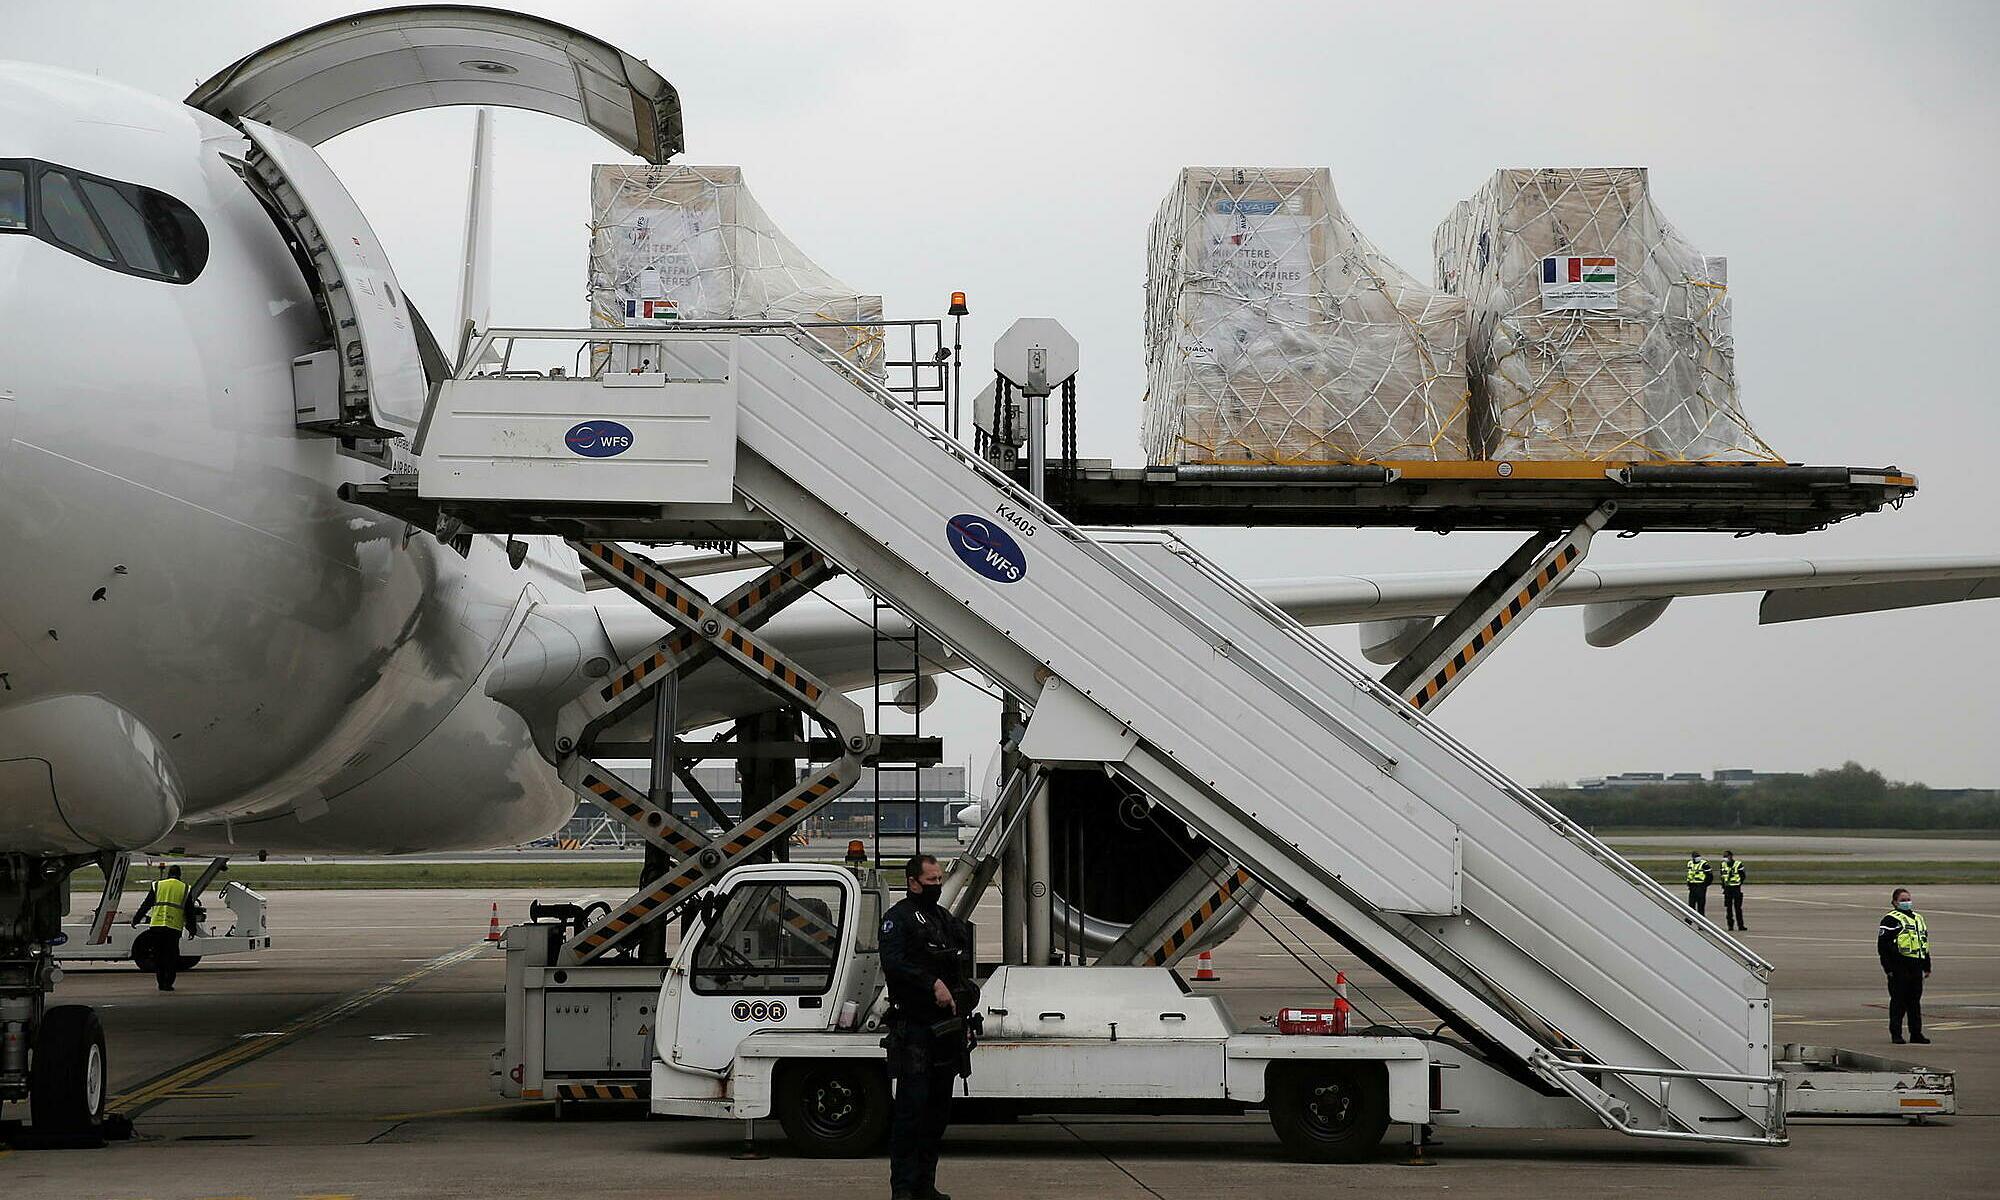 Trang thiết bị y tế được đưa lên máy bay gần Paris, Pháp hỗ trợ ứng phó khủng hoảng Covid-19 ở Ấn Độ vào ngày 1/5. Ảnh: AFP.